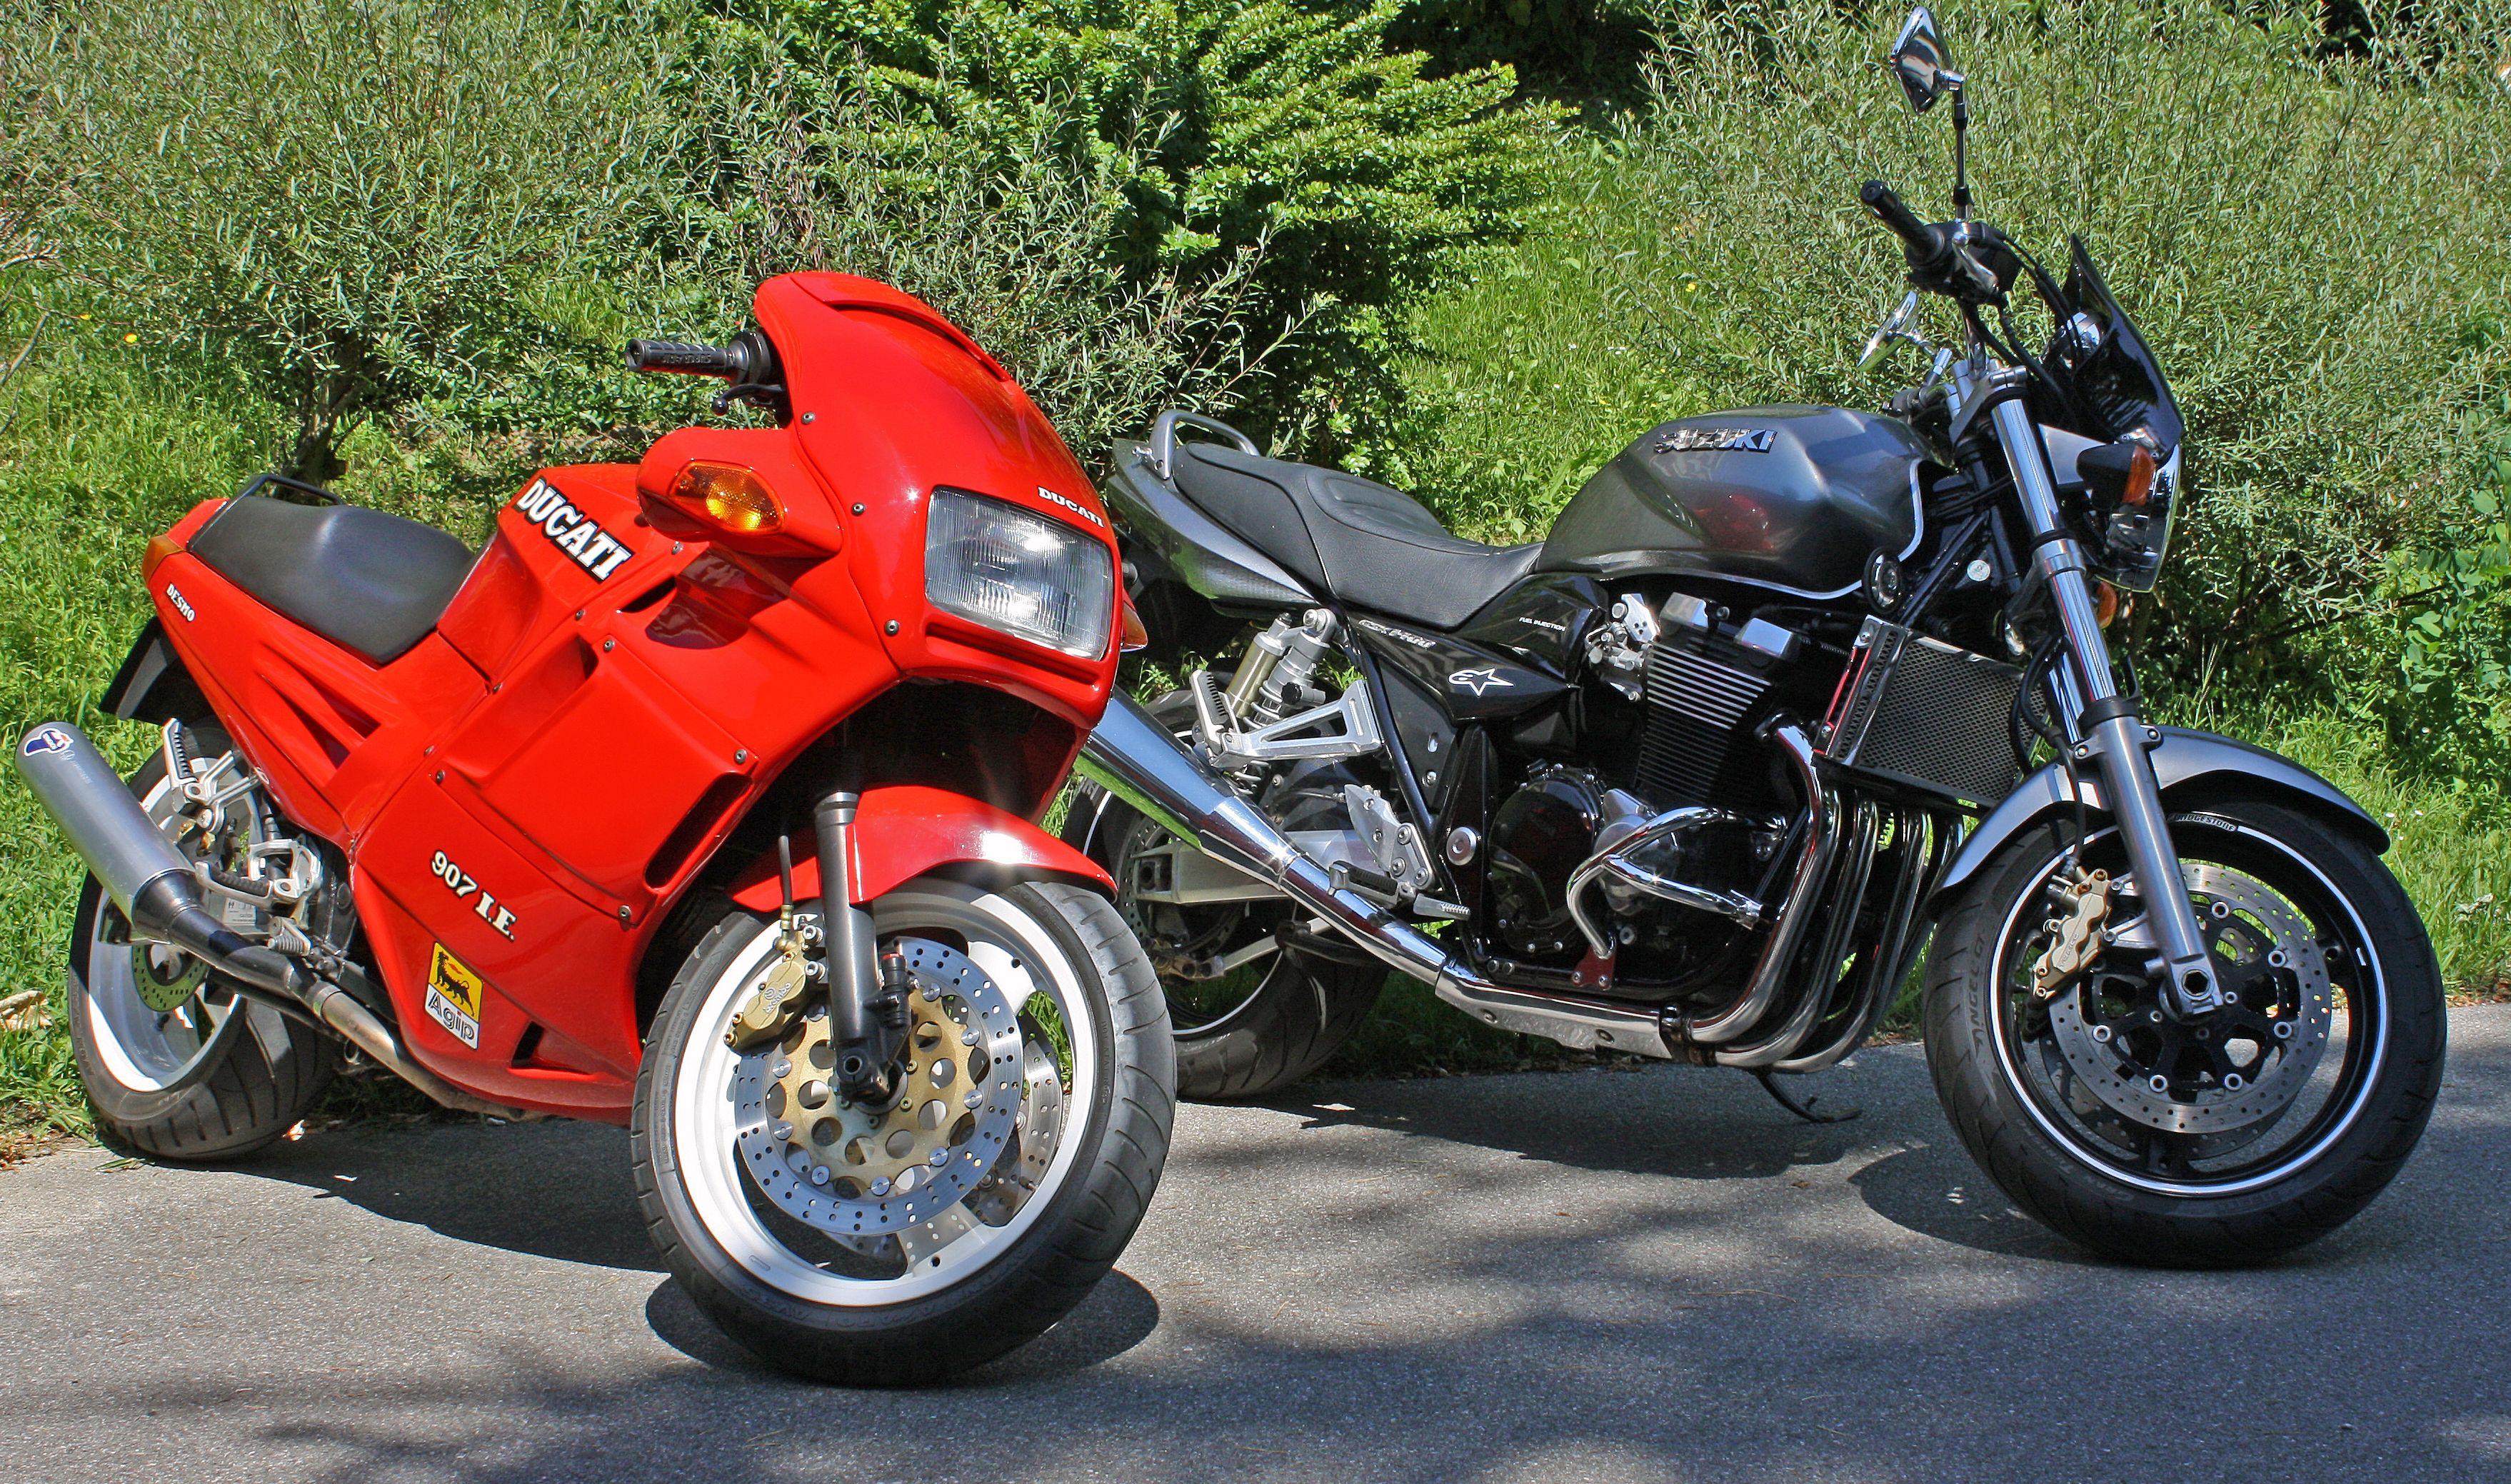 1991 Ducati Paso 907ie 2002 Suzuki Gsx 1400 F1